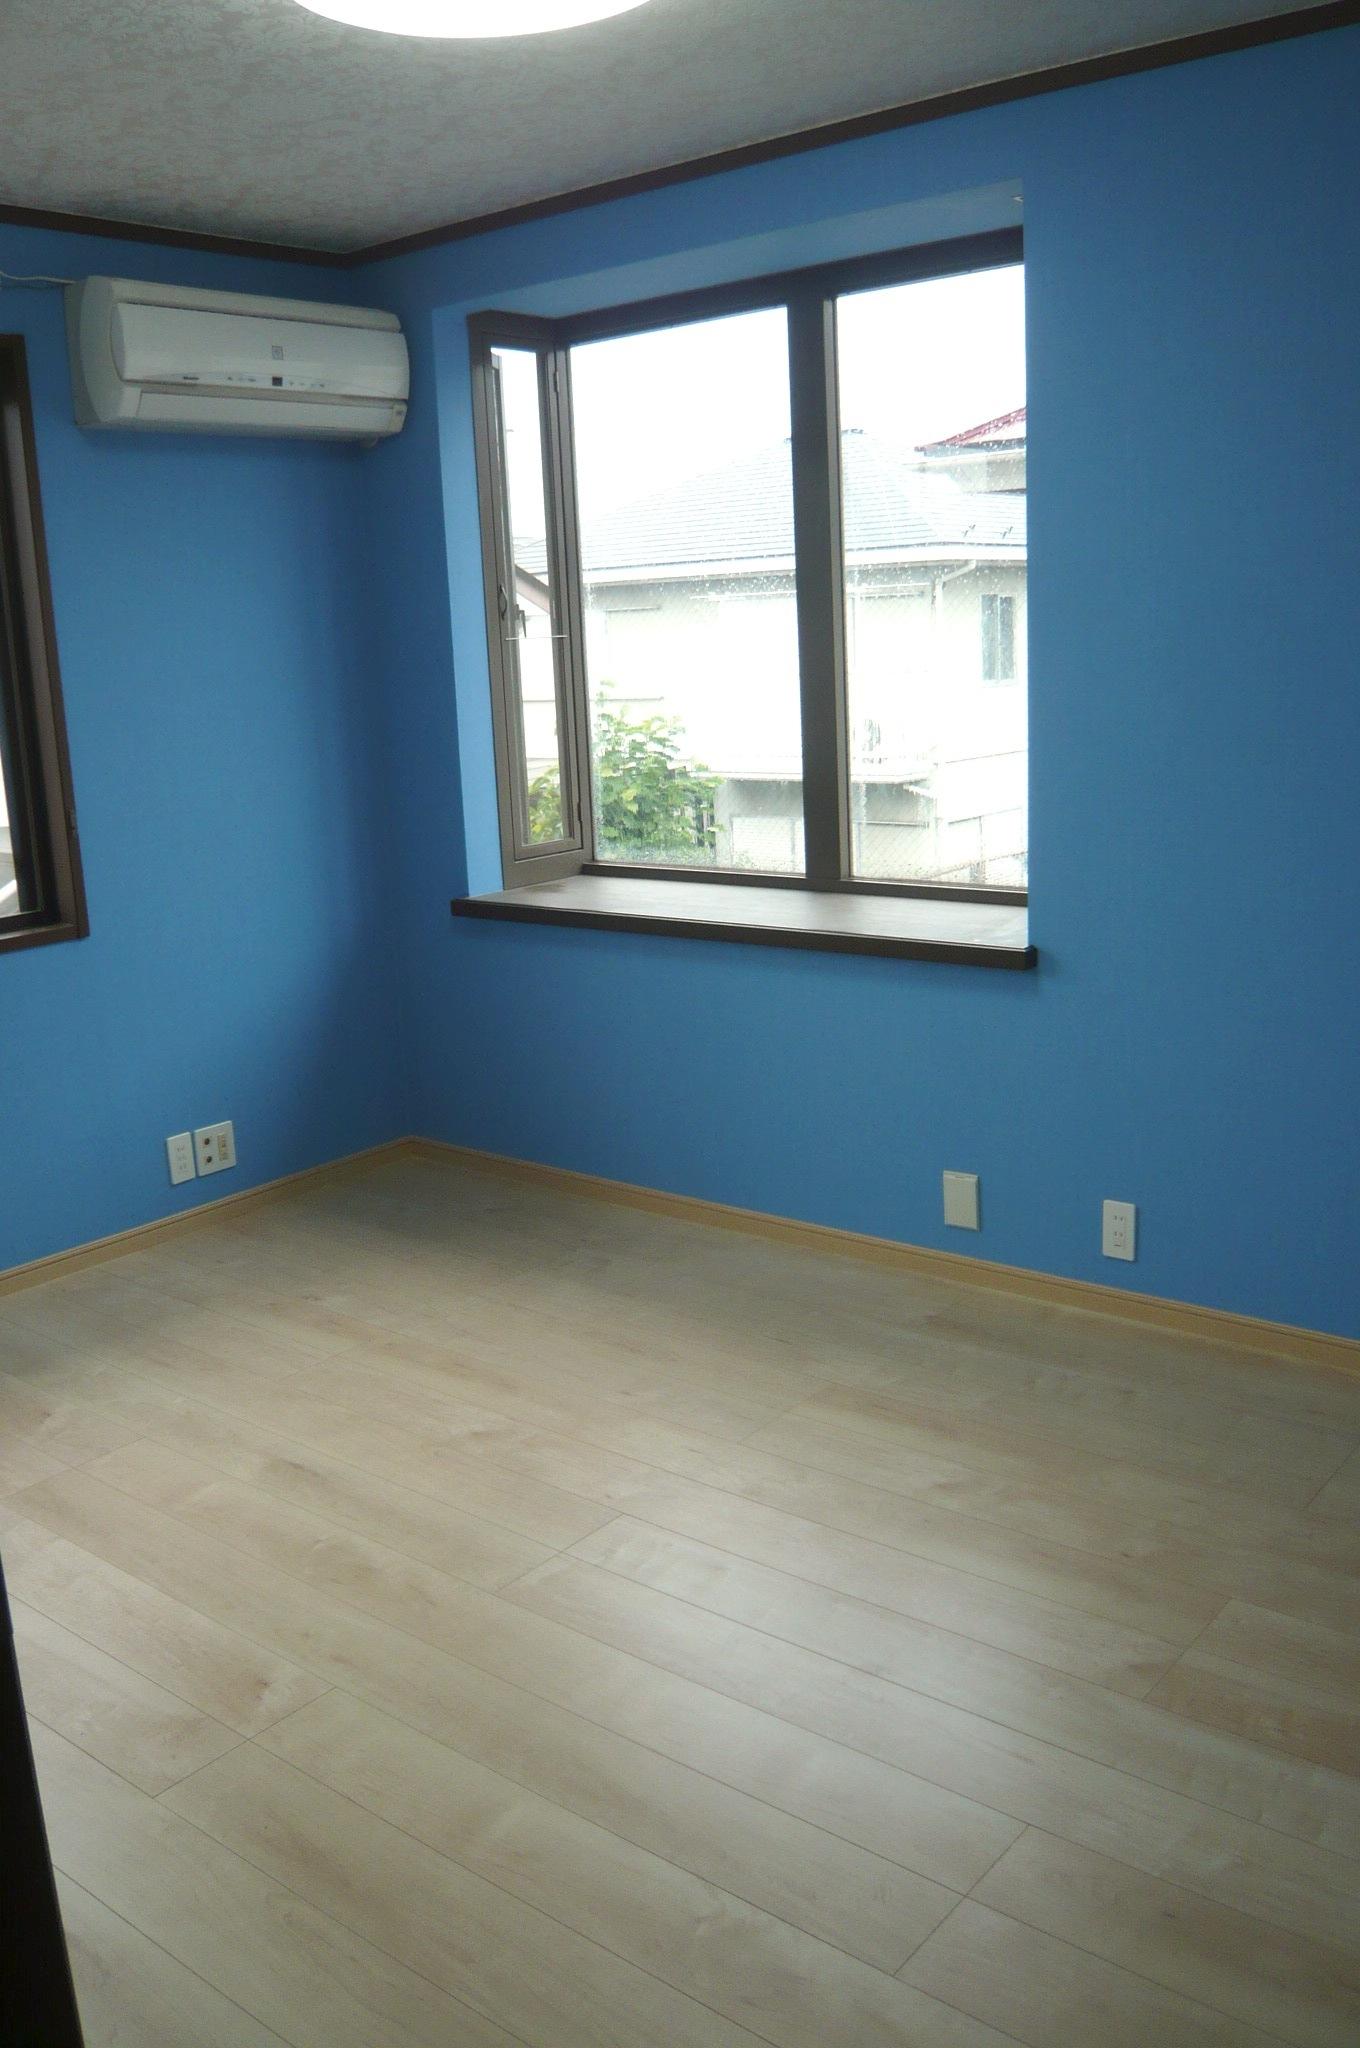 天然木風フローリングと青い壁紙クロスでかわいいリフォーム 東京住宅